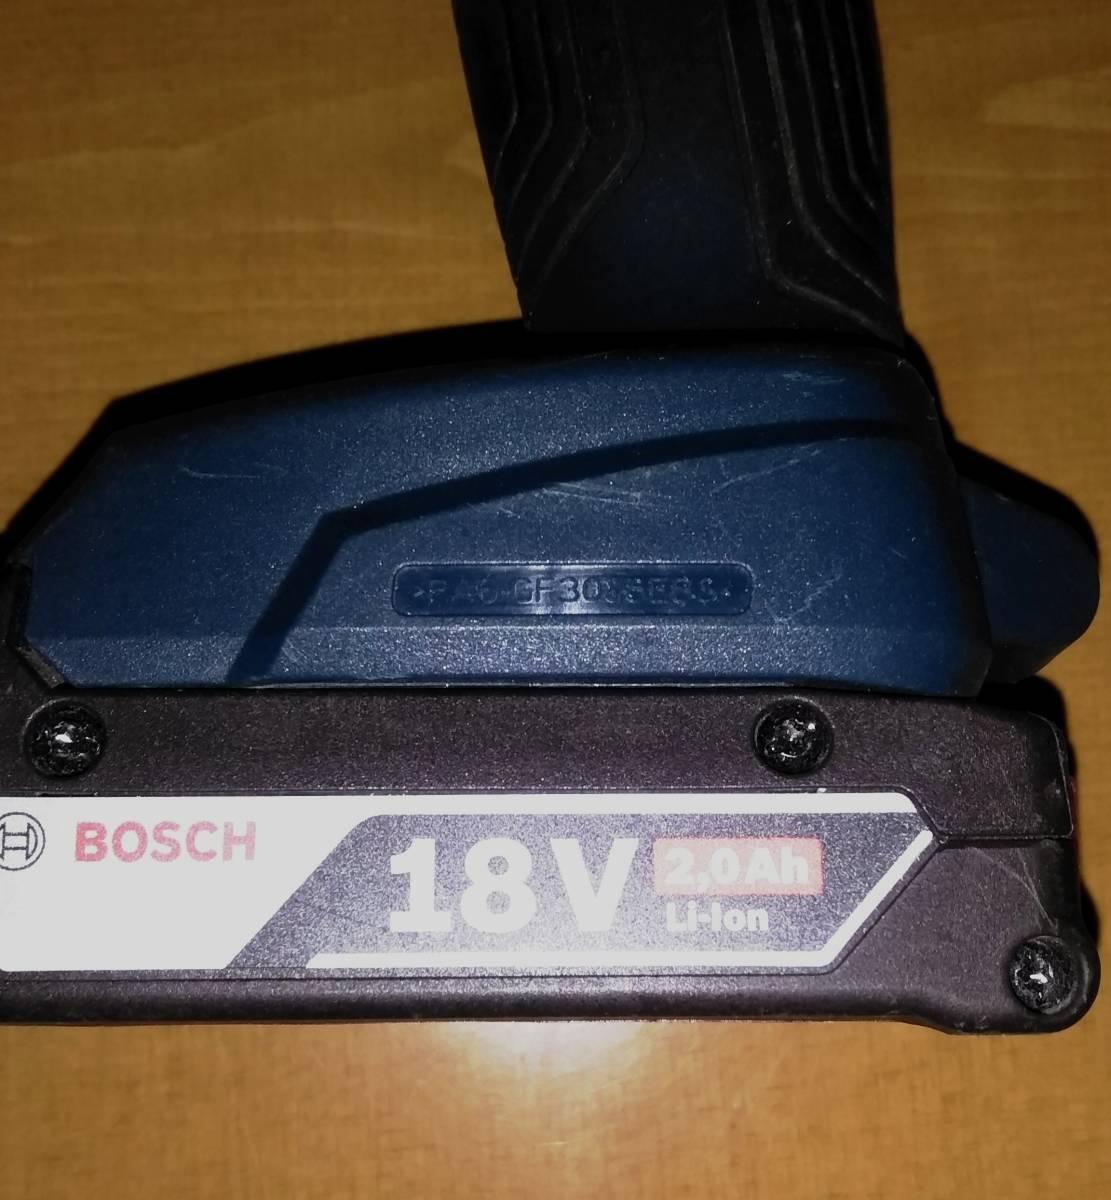 ボッシュ(BOSCH) GSR 18V-21 Professional コードレスドライバードリル_画像3